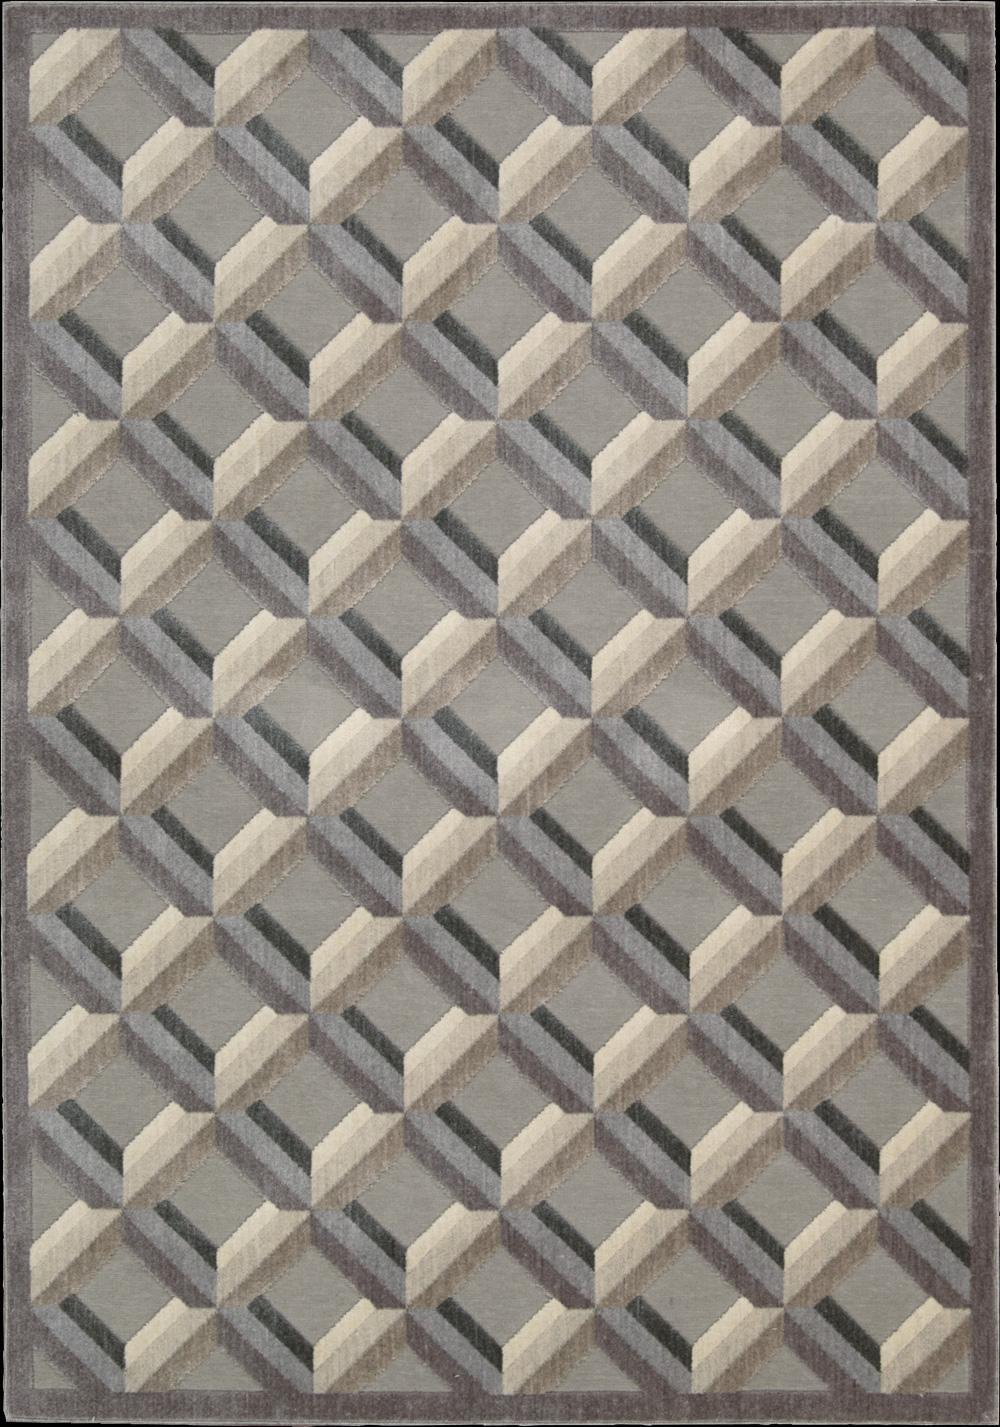 """Nourison Graphic Illusions Area Rug 5'3"""" x 7'5"""" - Item Number: 16074"""